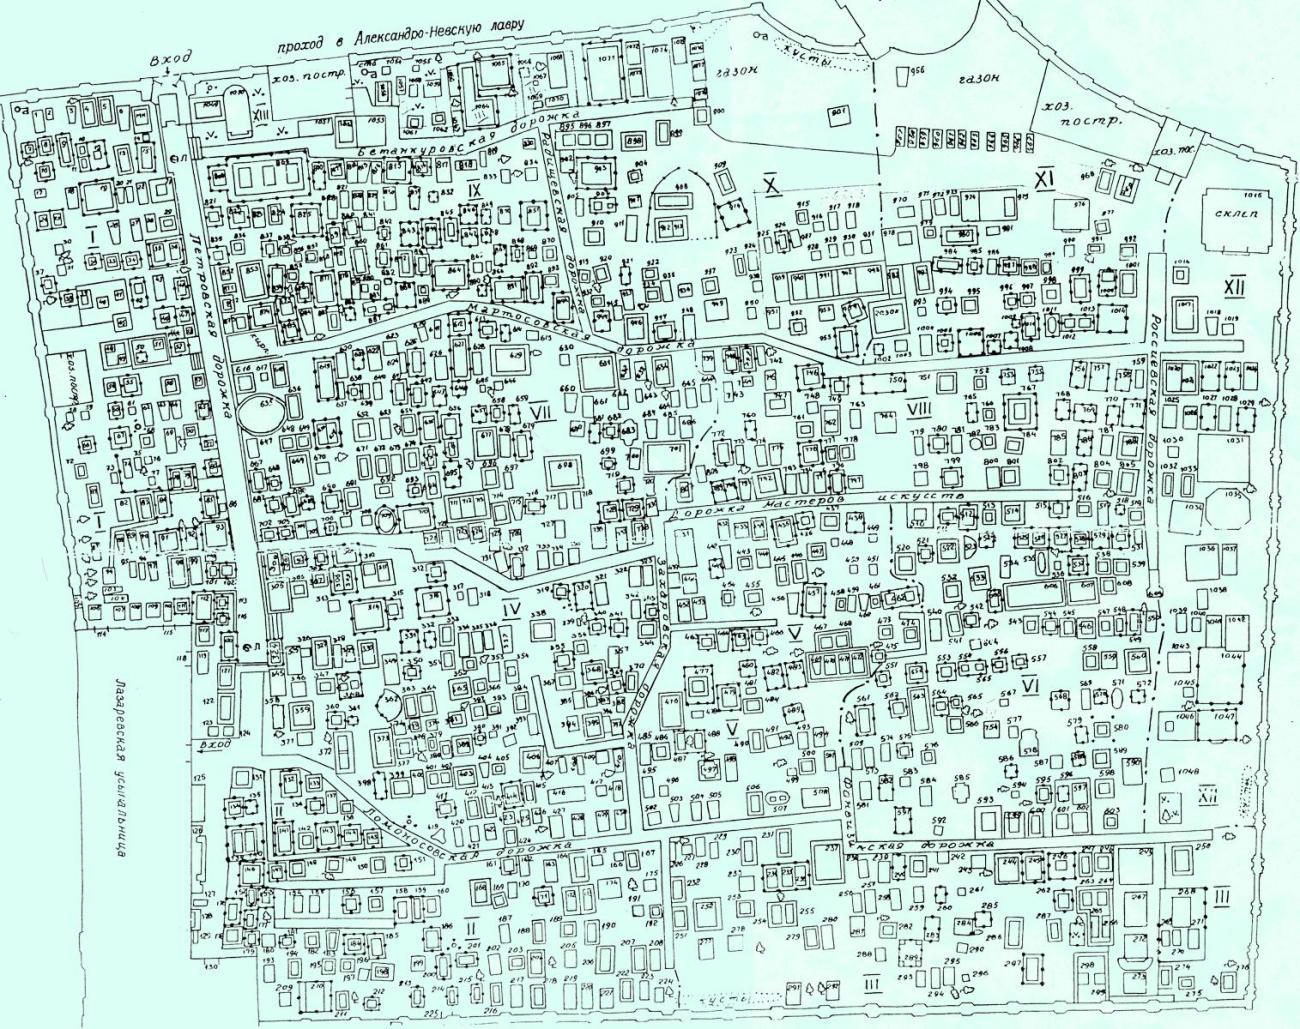 Памятник Апайщиковой Анне Ивановне (1769-1811) на карте